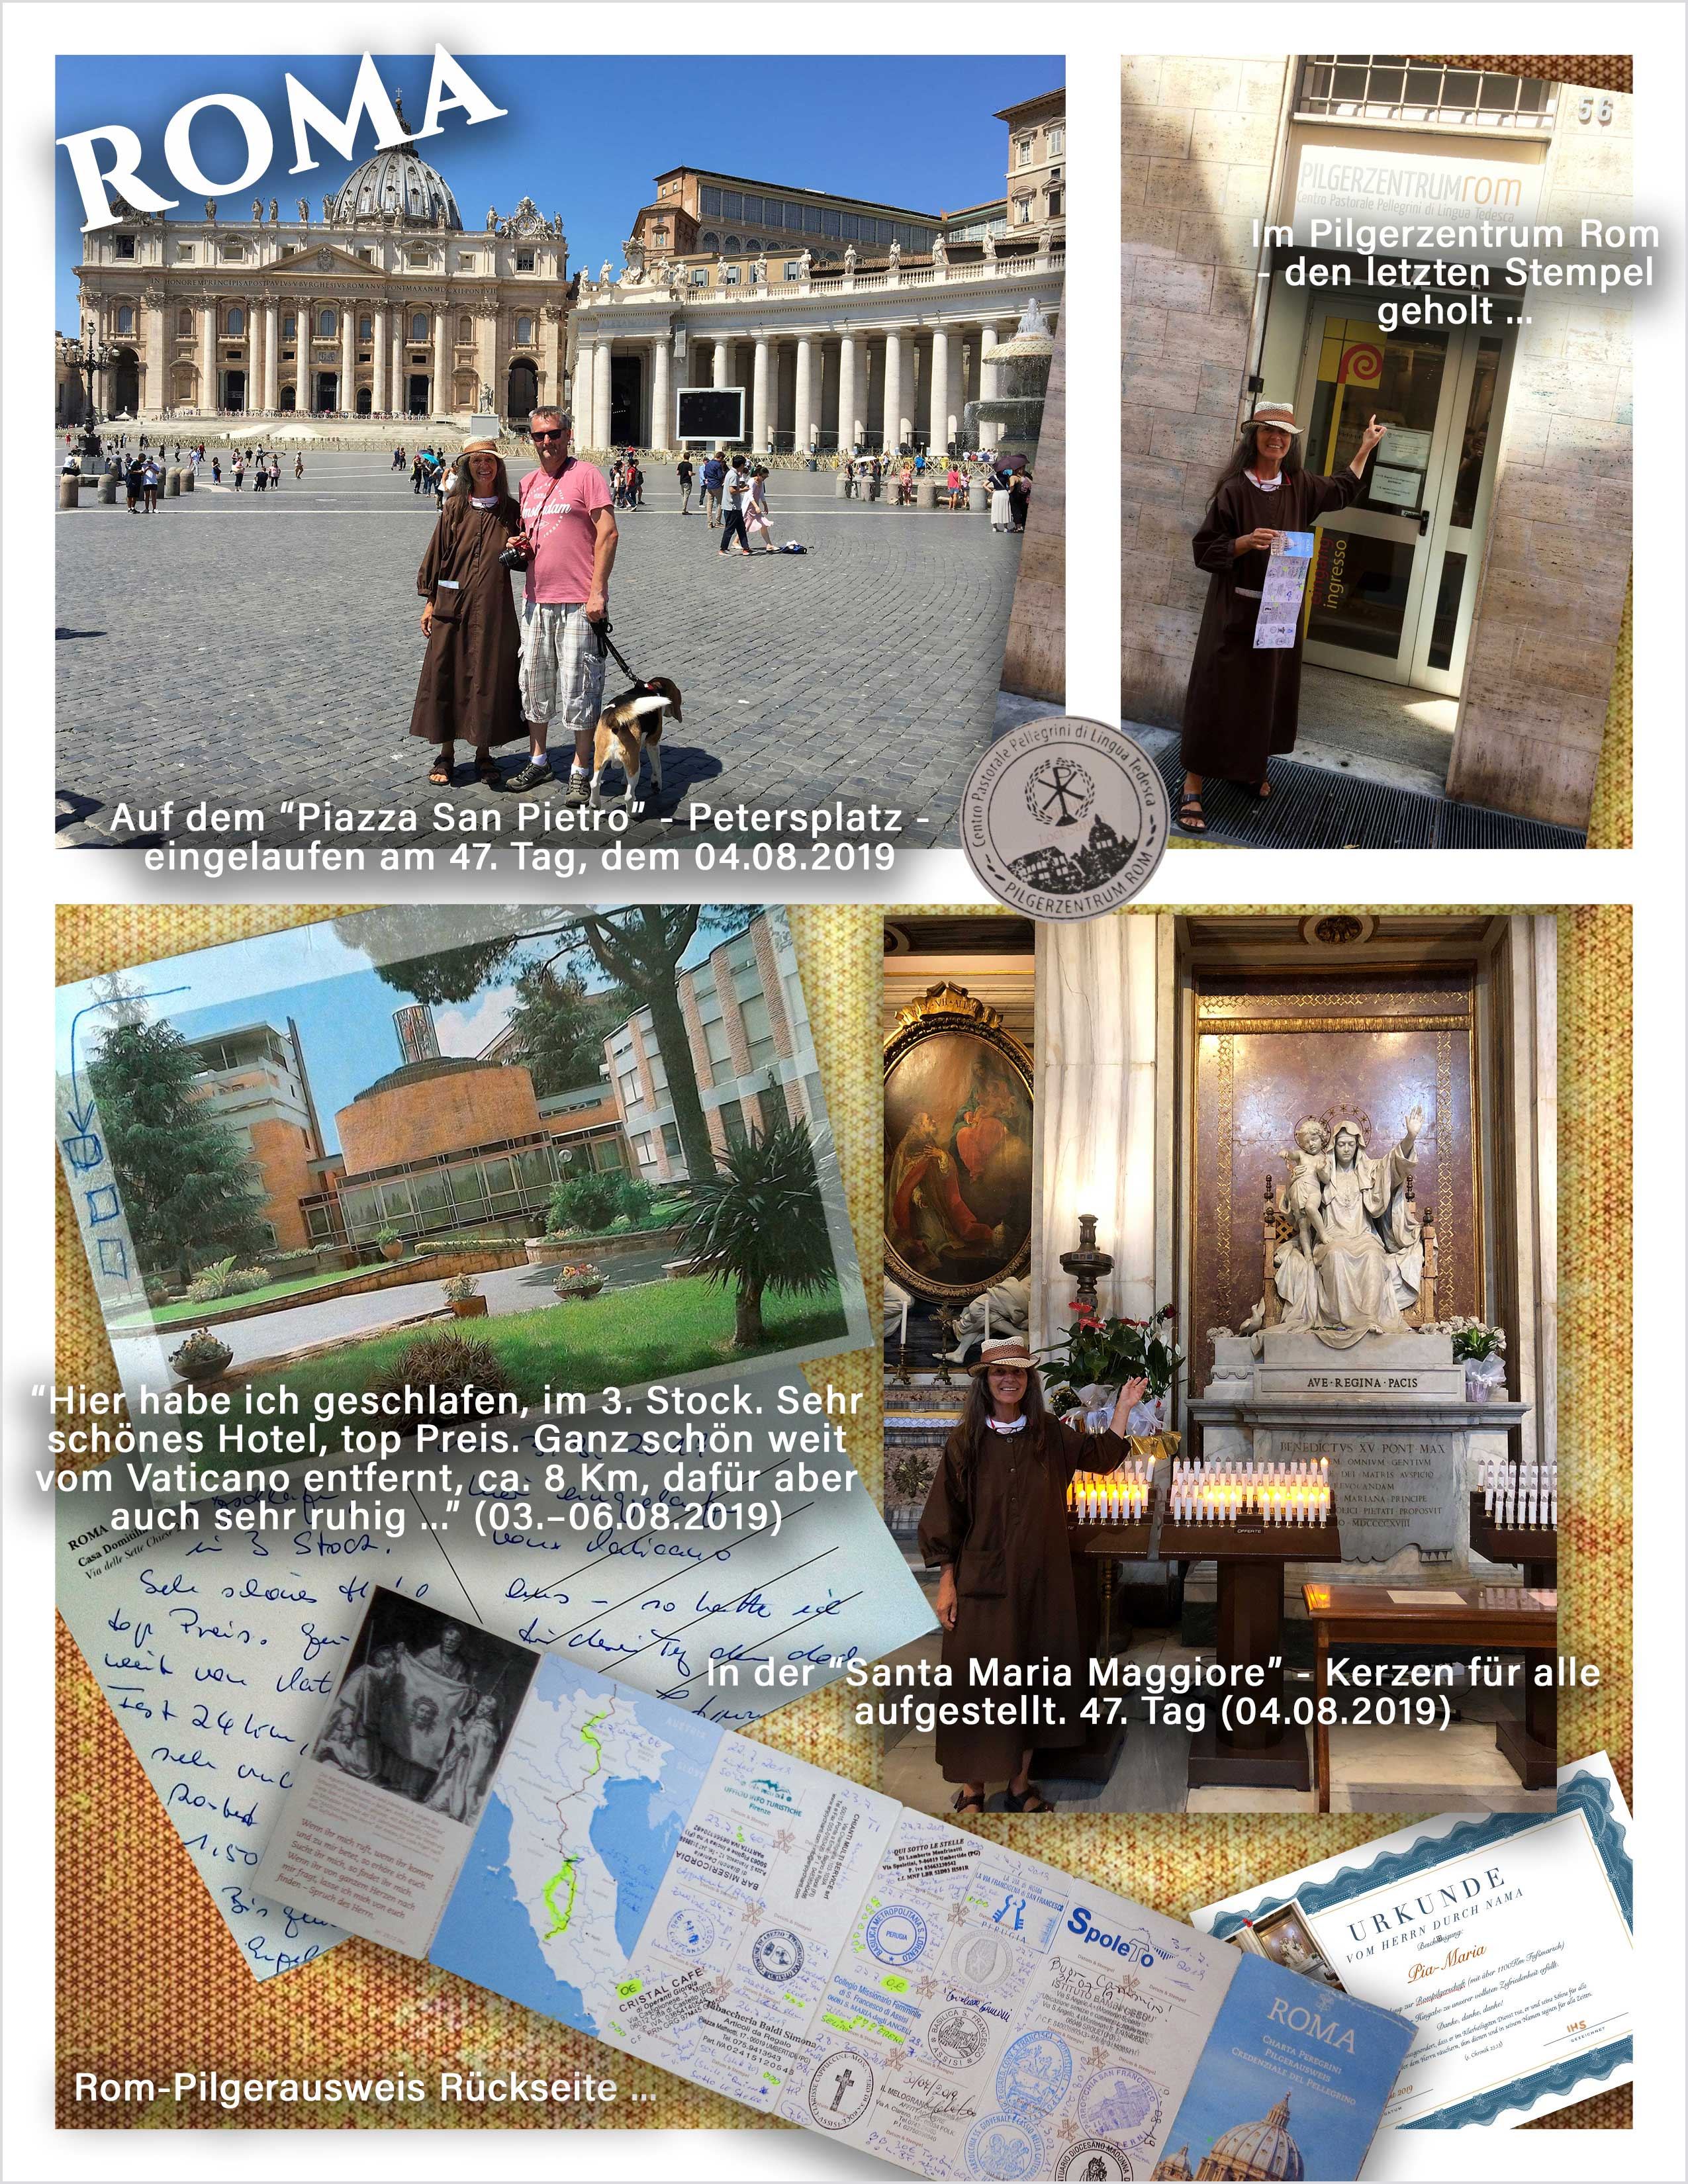 rom-pilgerzentrum-santa-maria-maggiore-zweite-pilgerreise-zu-fuss-nach-rom